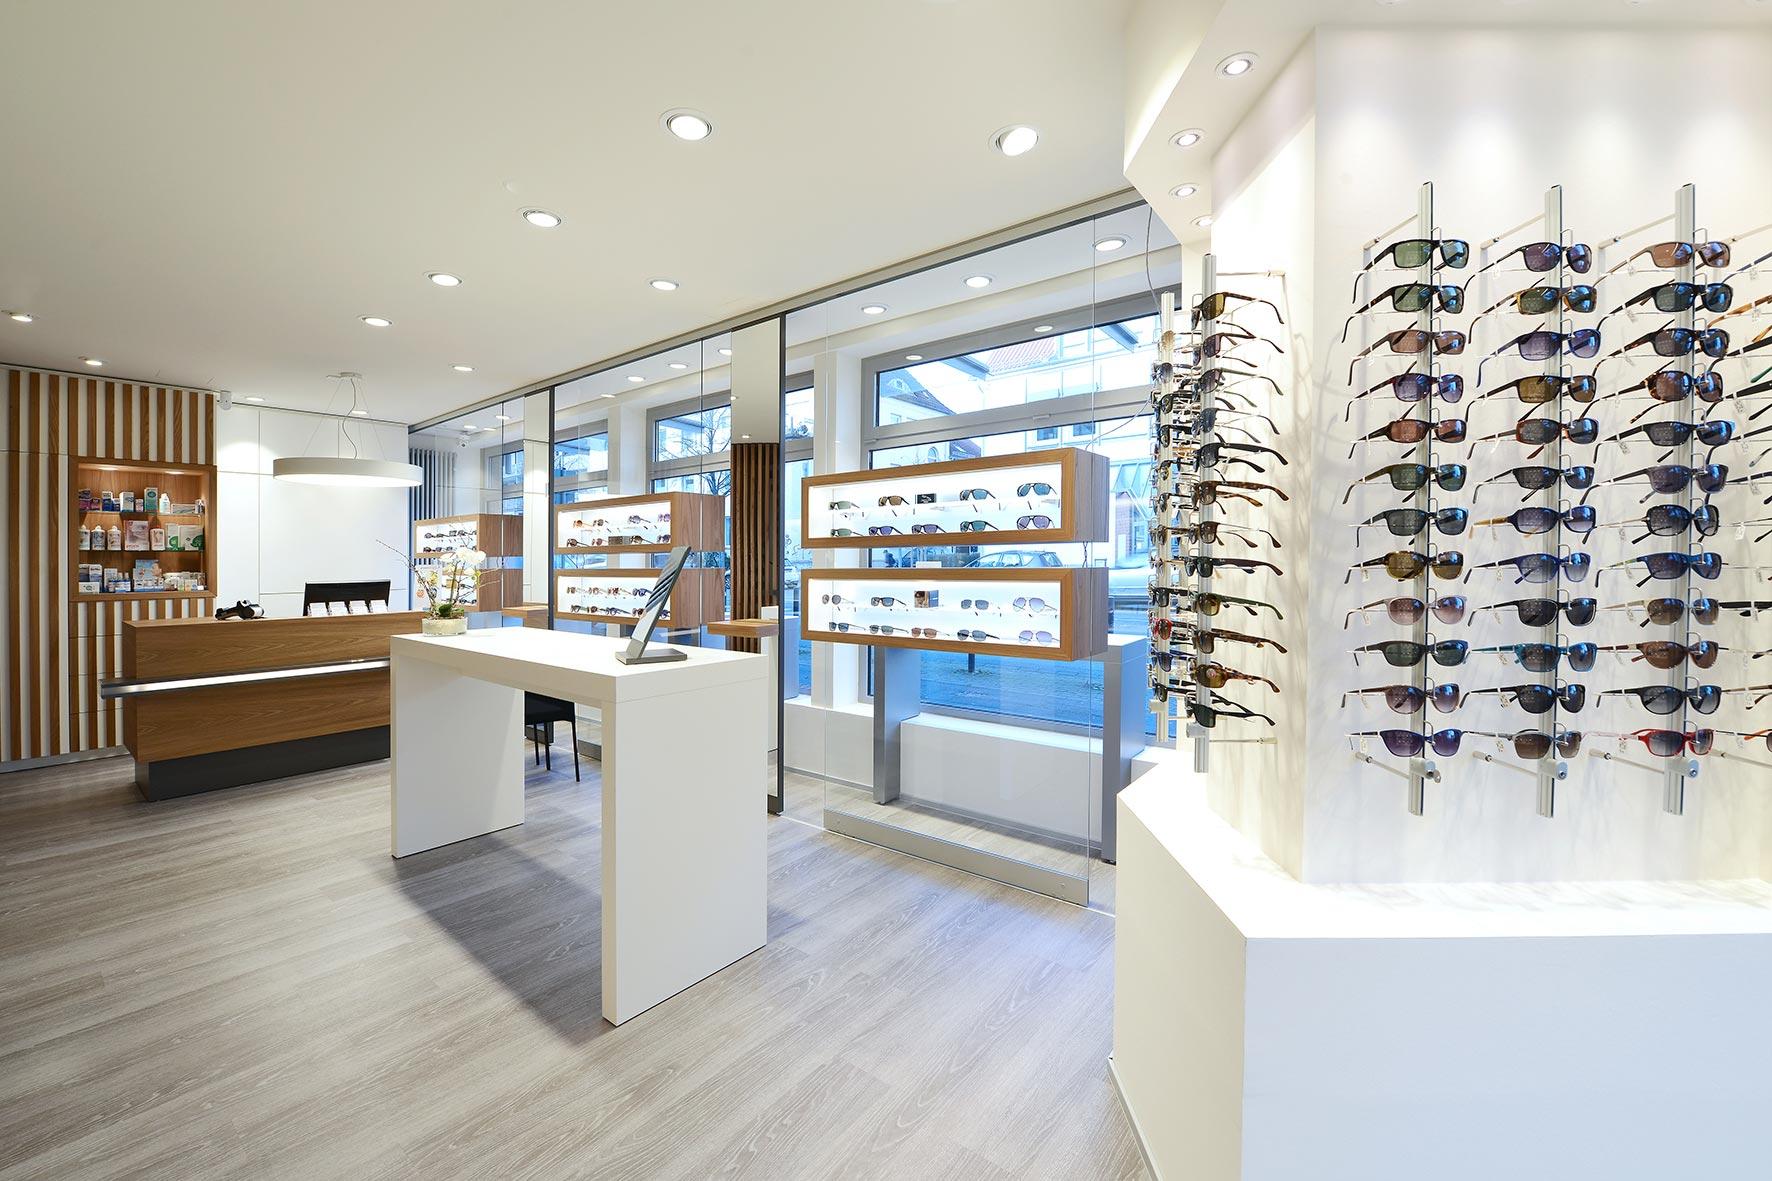 Die Abbildung zeigt eine Interieuraufnahme eines Optikergeschäfts